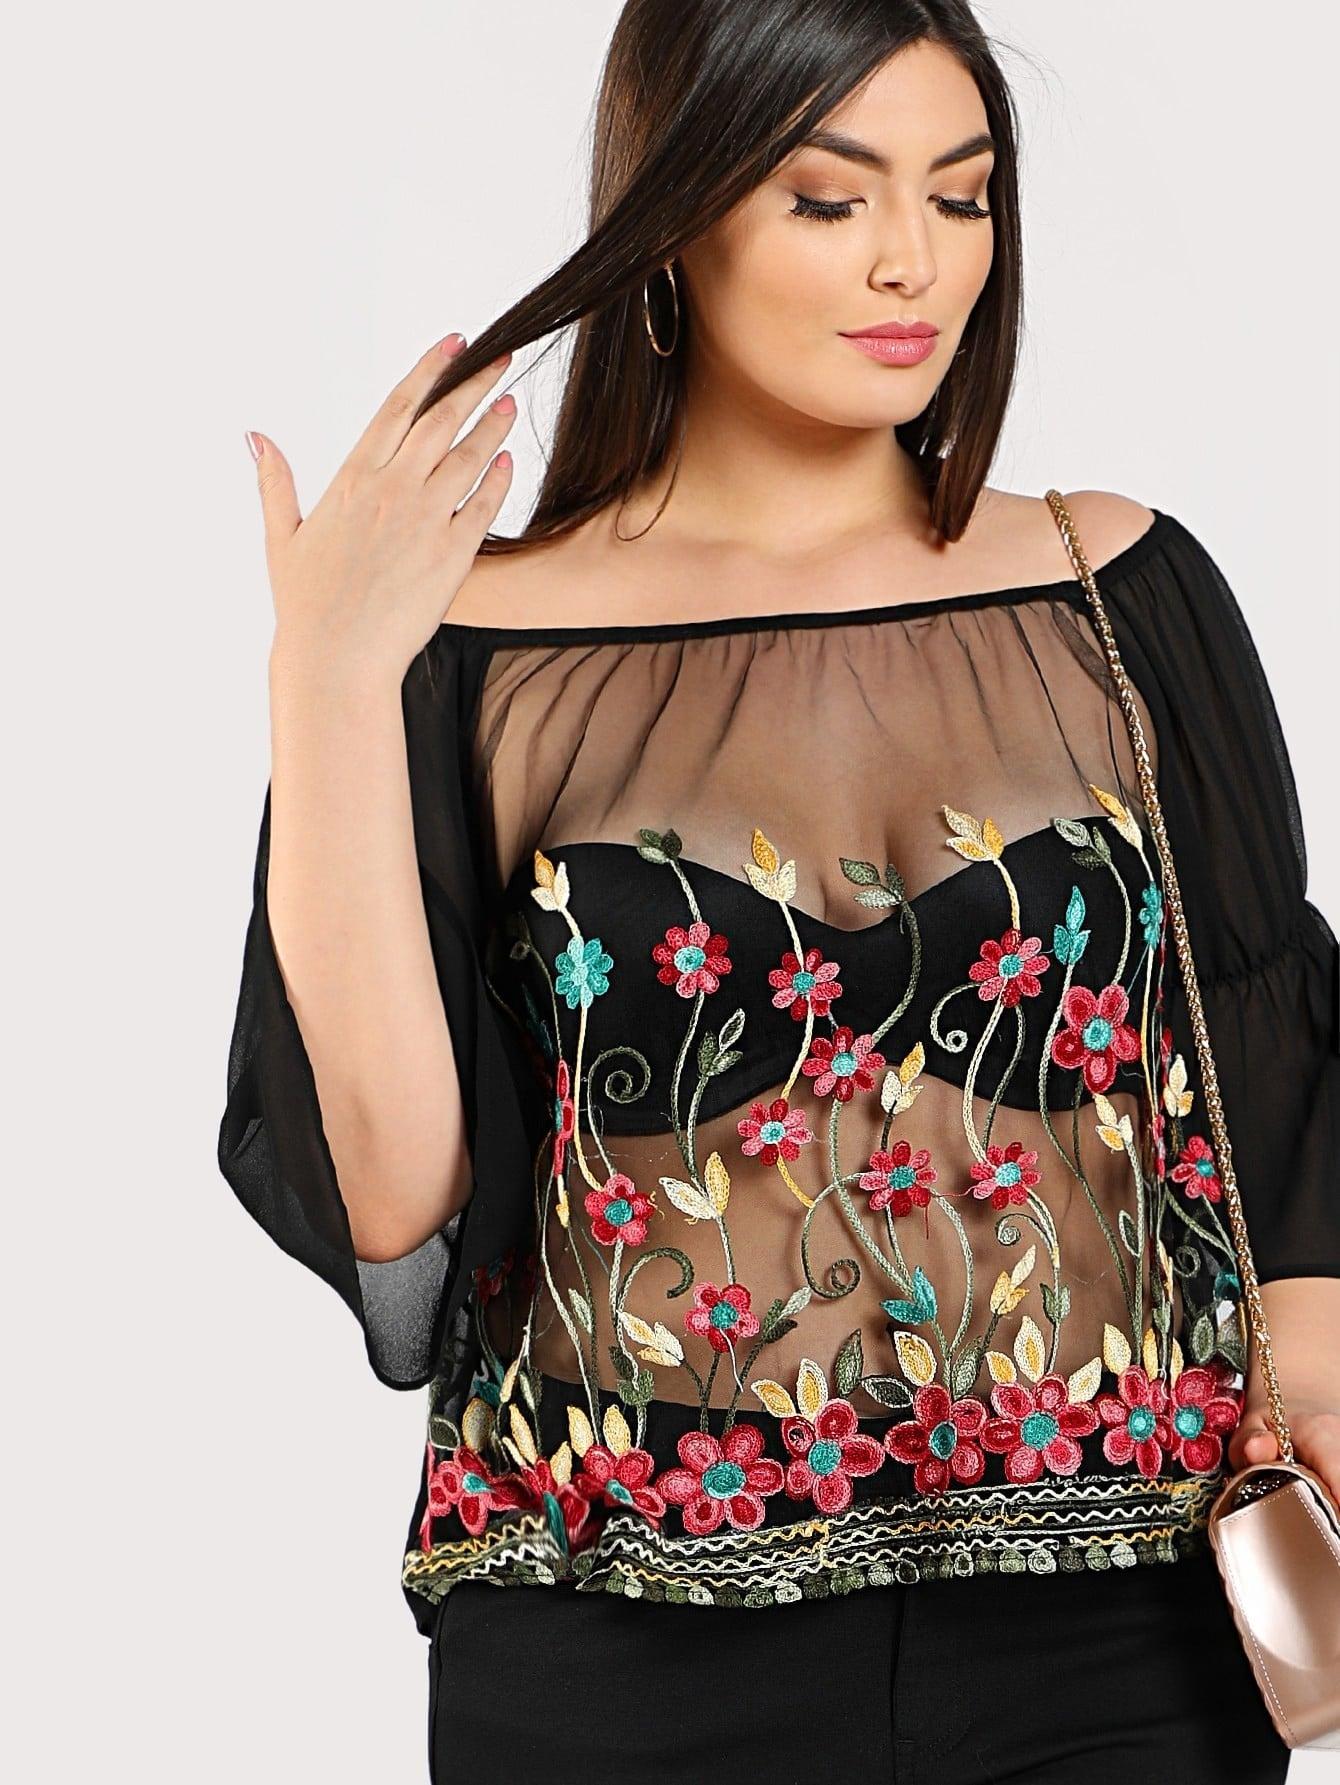 Купить Модный топ с вышивкой и открытыми плечами, рукав клёш, Elisa Krug, SheIn